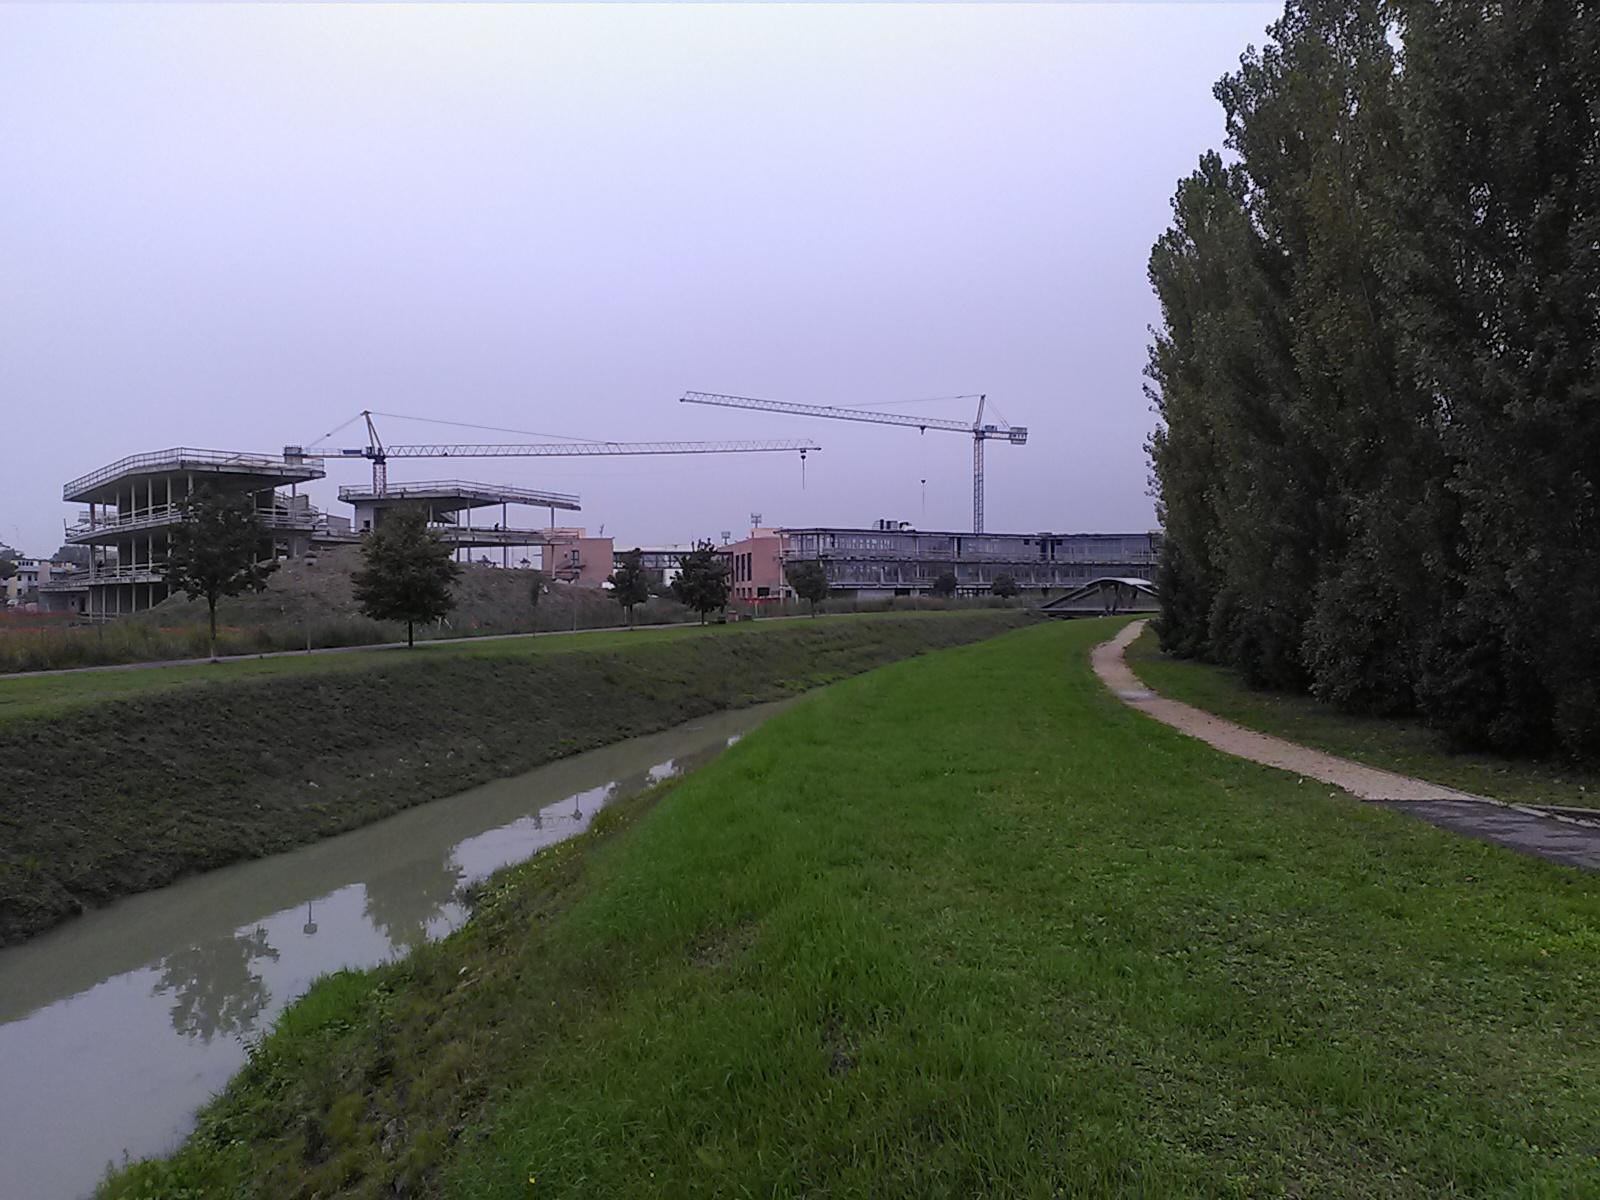 Ufficio Verde Comune Di Ravenna : Annunci immobiliari uffici e studi ravenna provincia pag